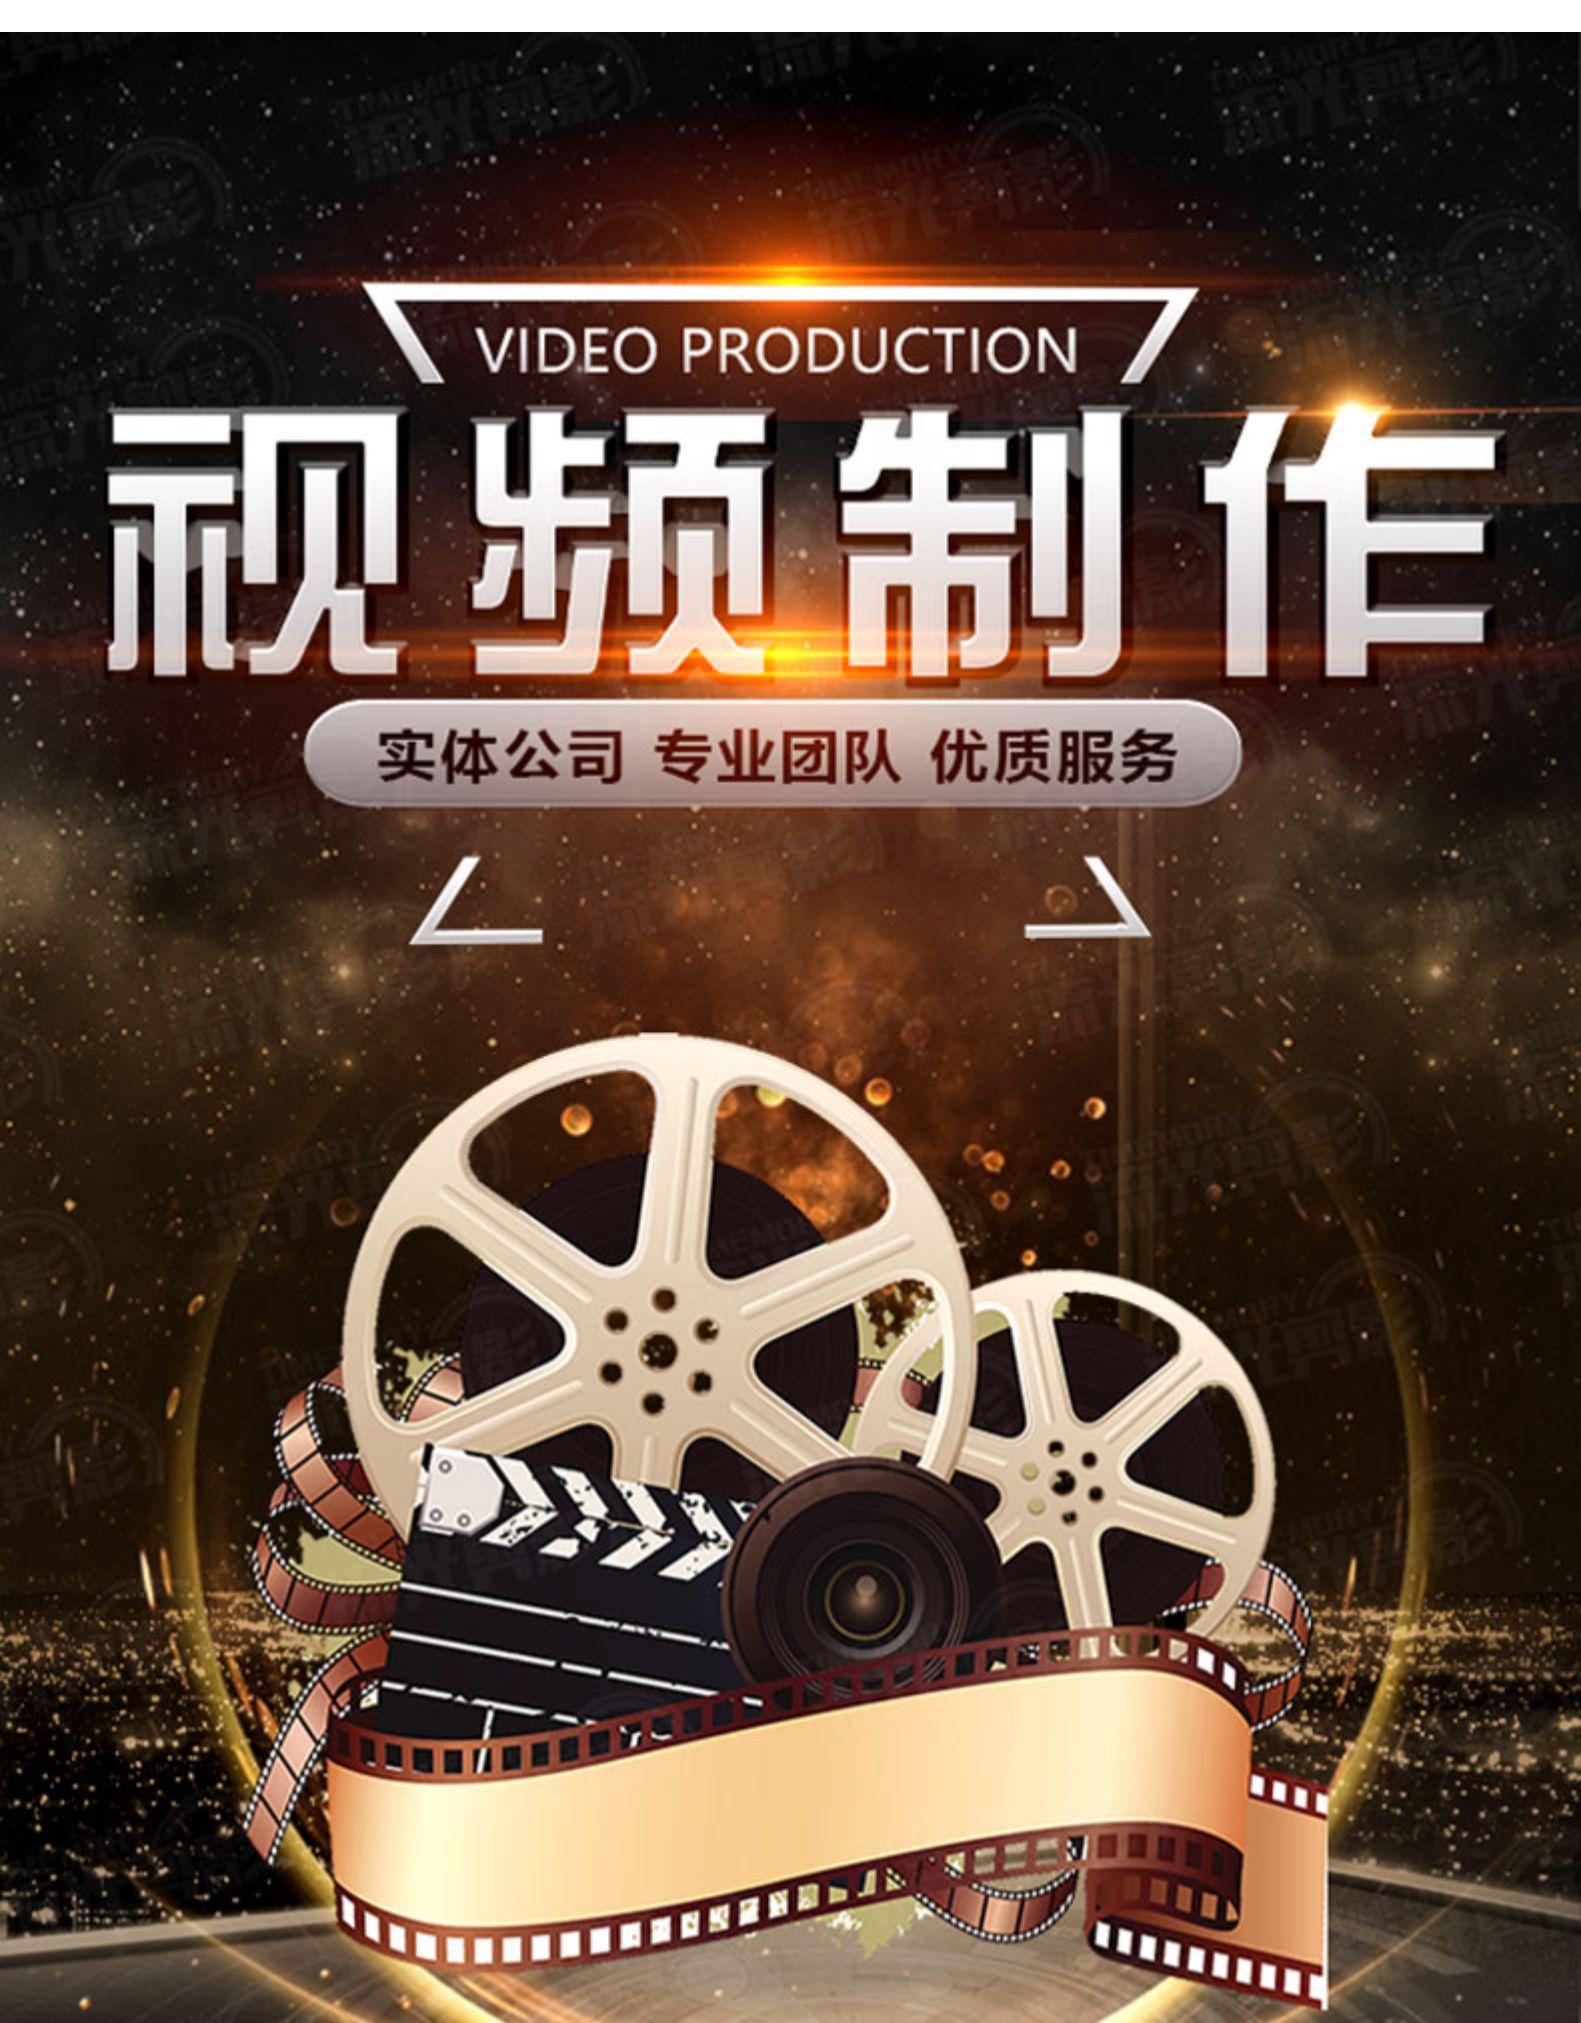 短影片製作代做剪辑编辑后期特效淘宝产品广告企业年会宣传片详细照片